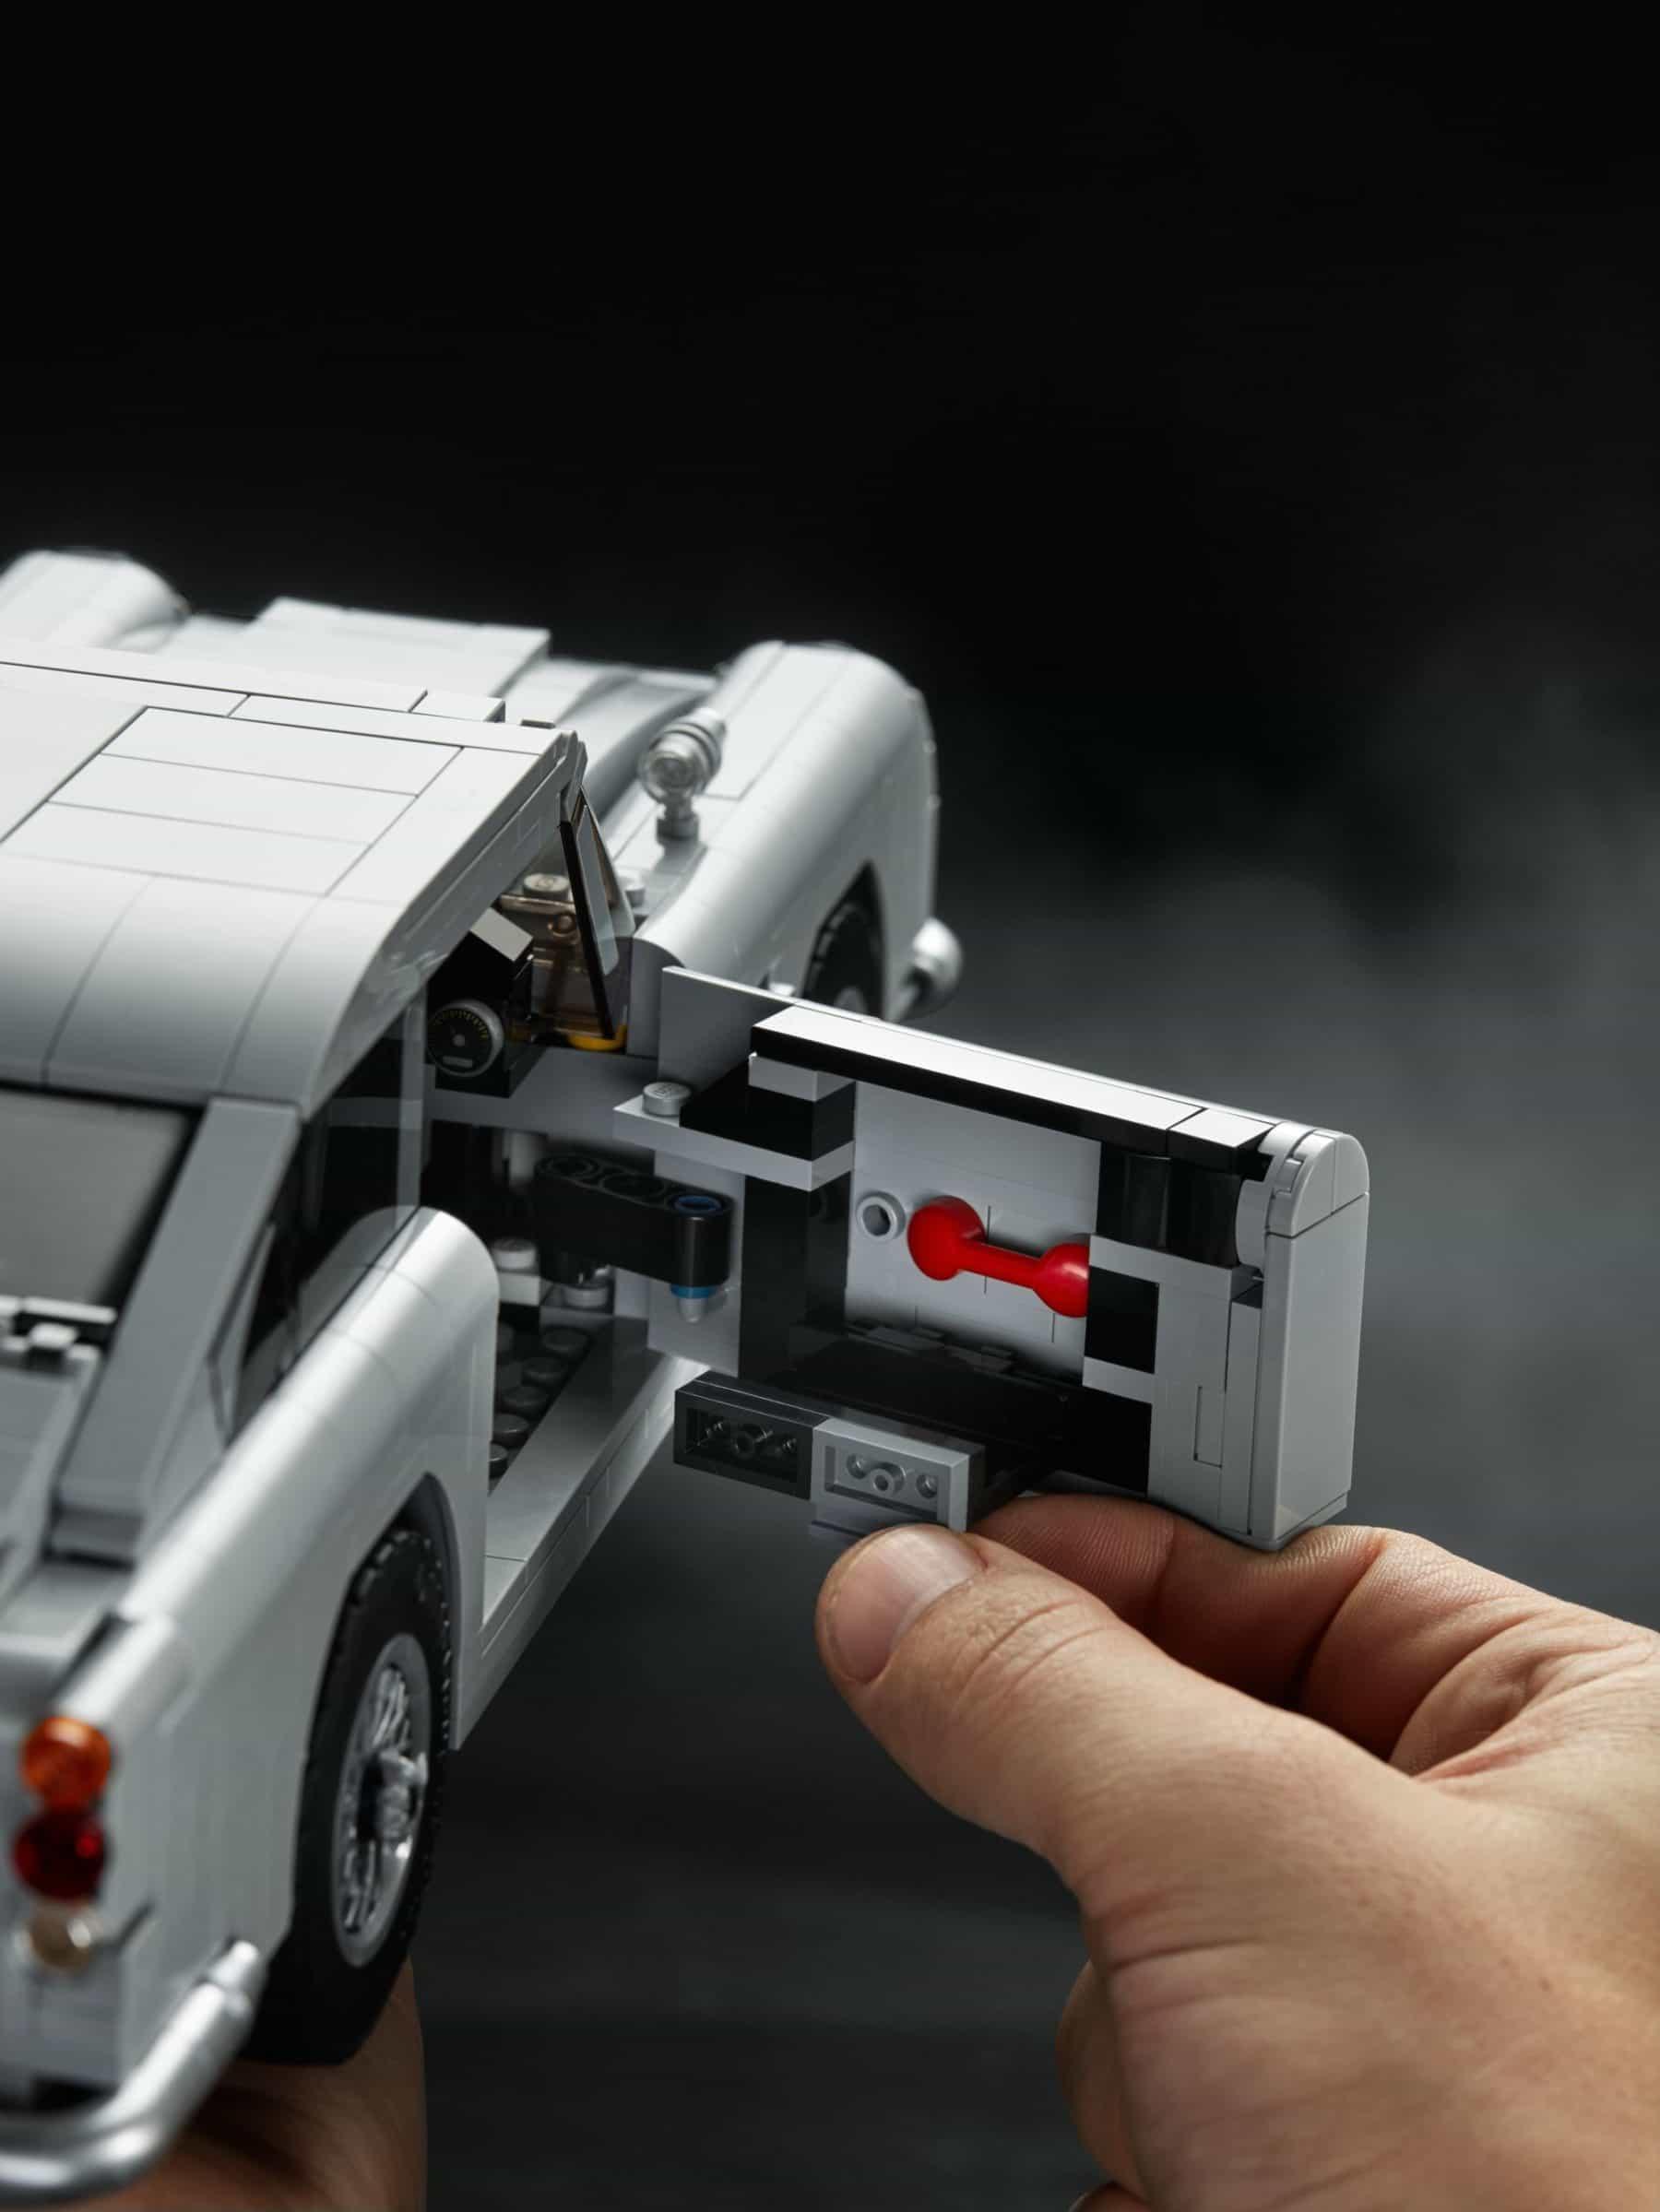 Lego 10262 Aston Martin Db5 Alle Infos Und Bilder Zum Set